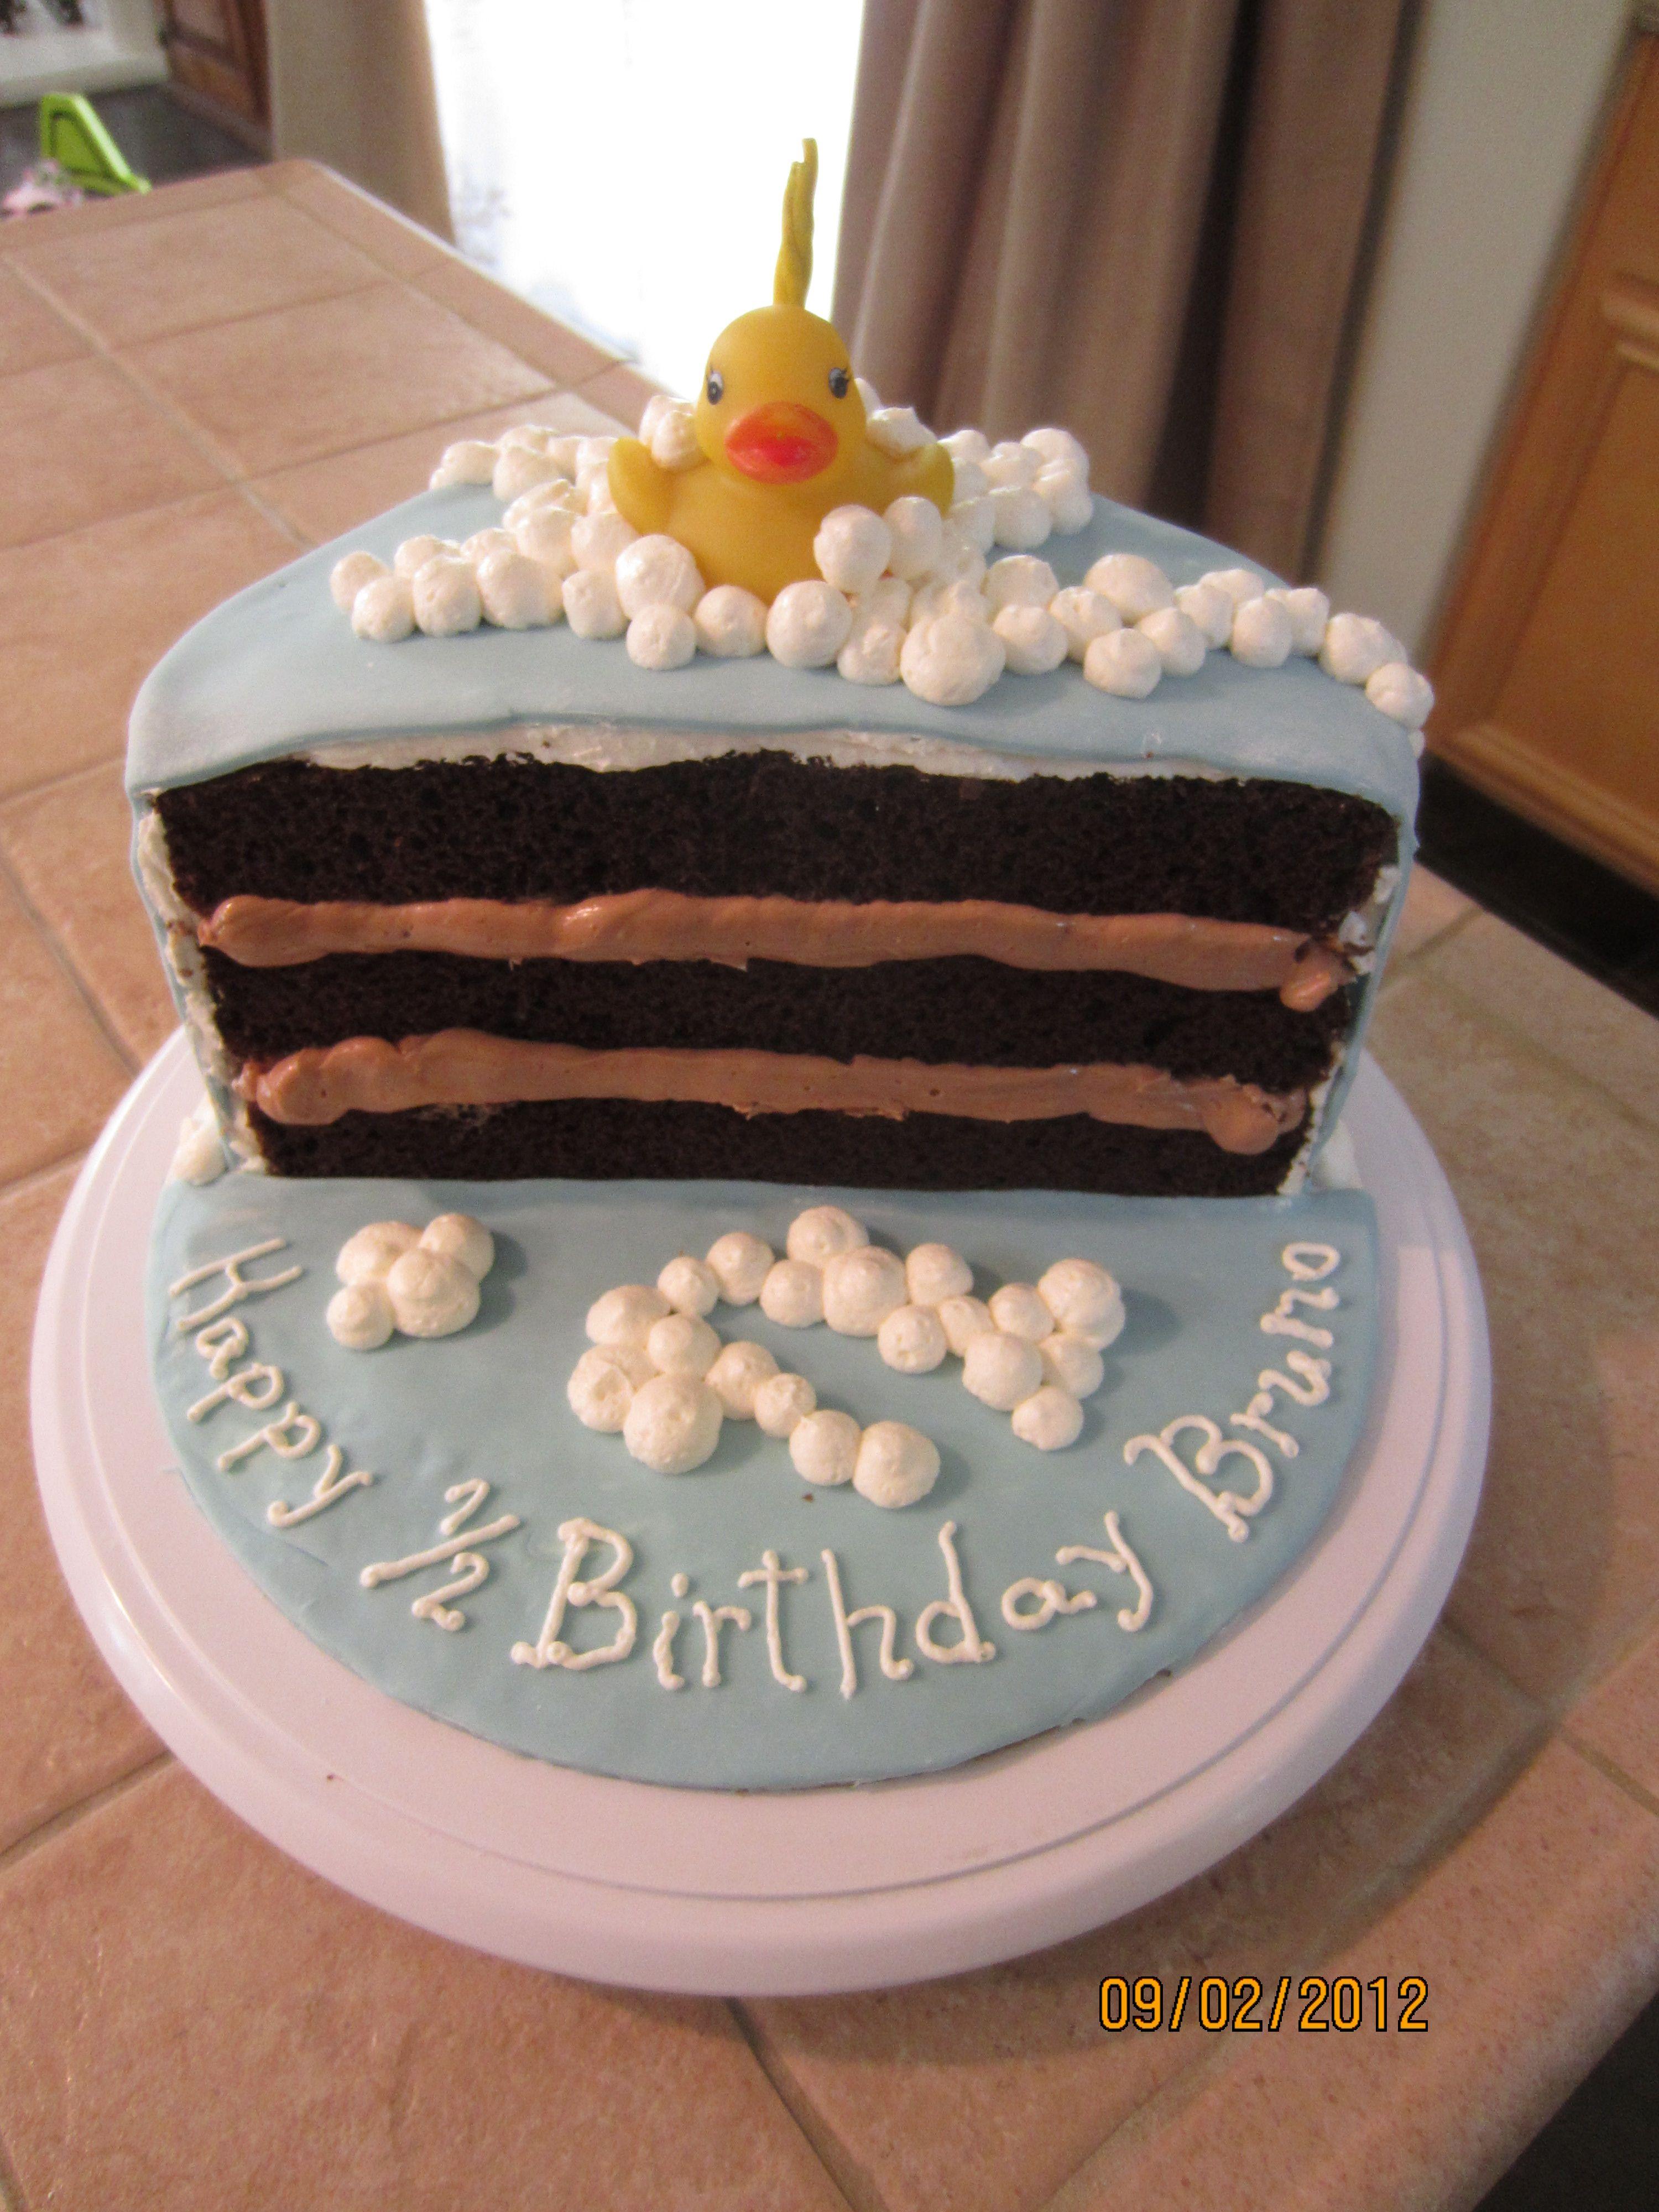 Half Birthday Cake 6 Months Old